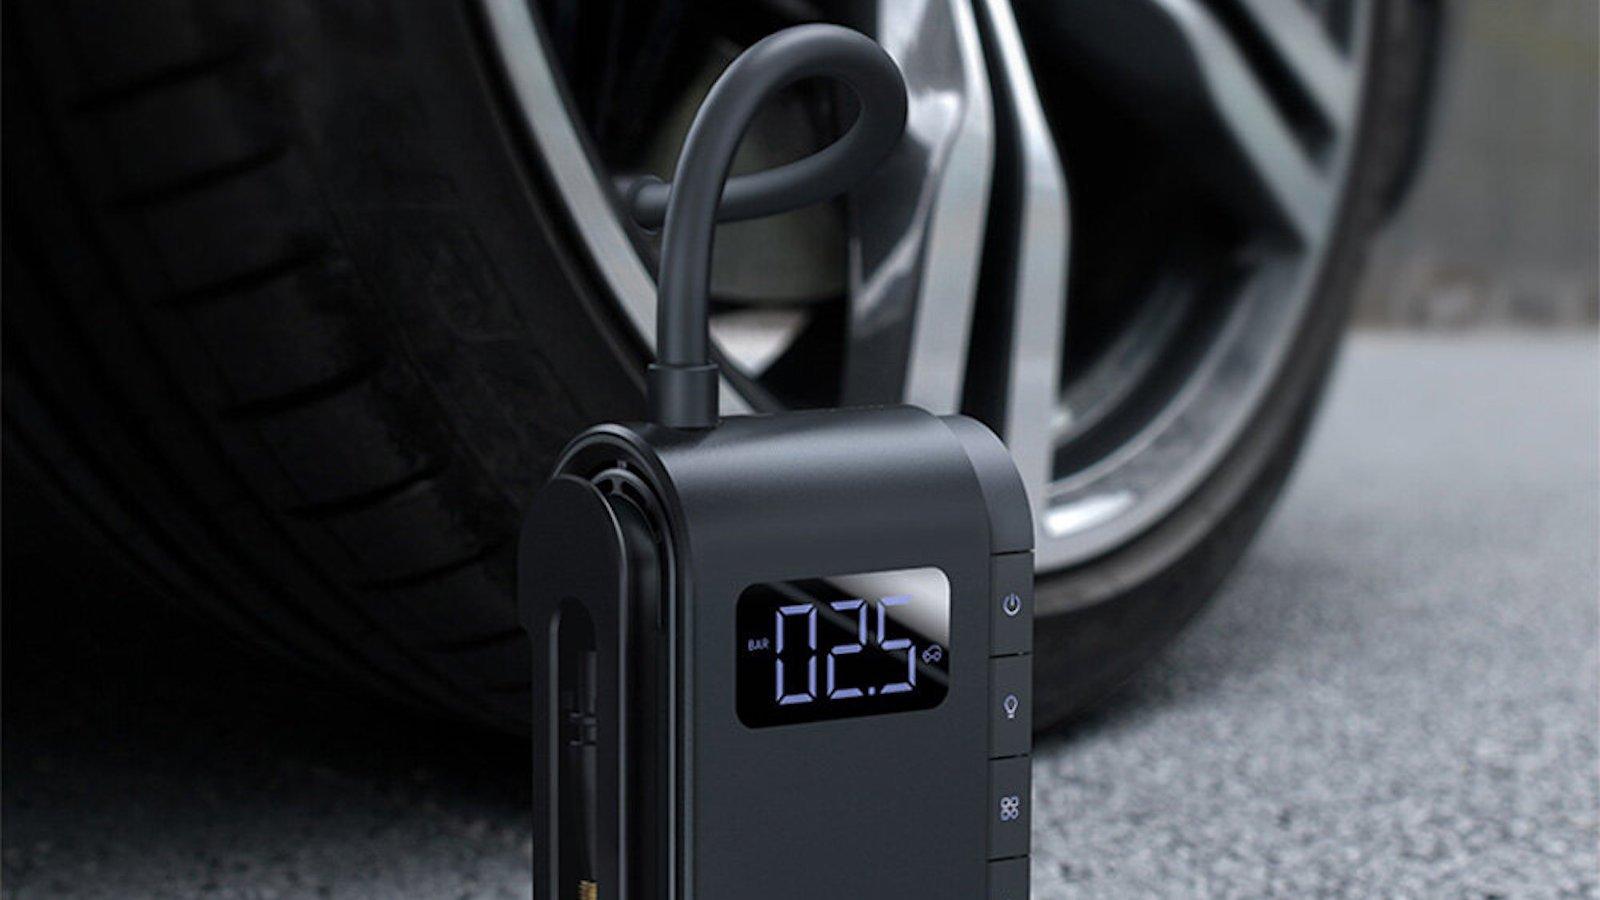 Baseus Tire Inflator Portable Air Compressor